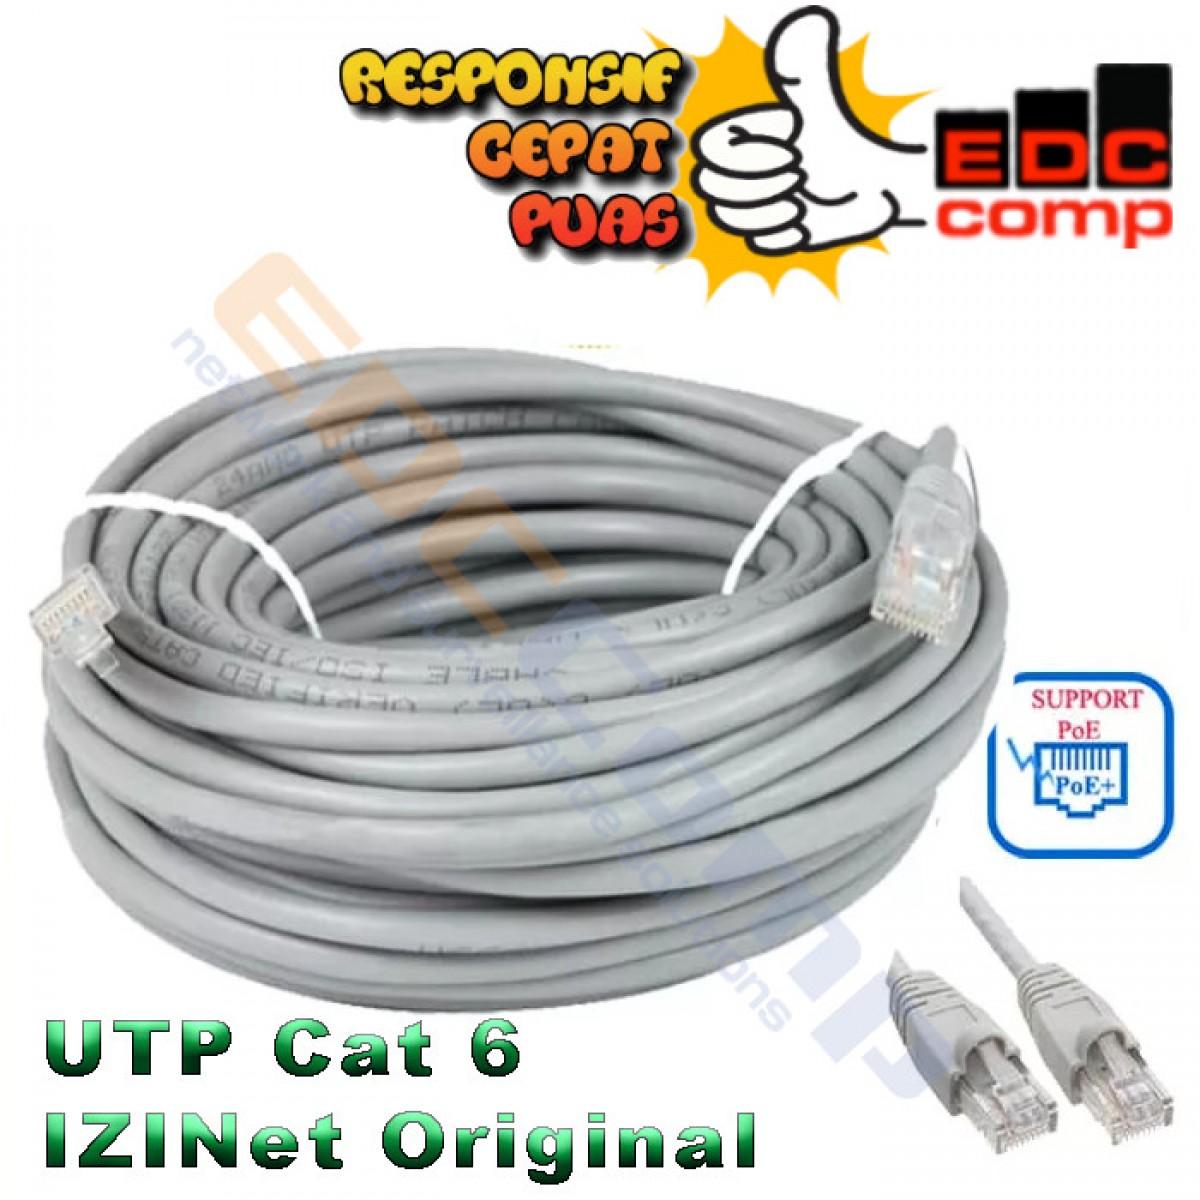 Kabel IZINET UTP Cat6 / Cable Izinet Cat6 5 Meter - EdcComp